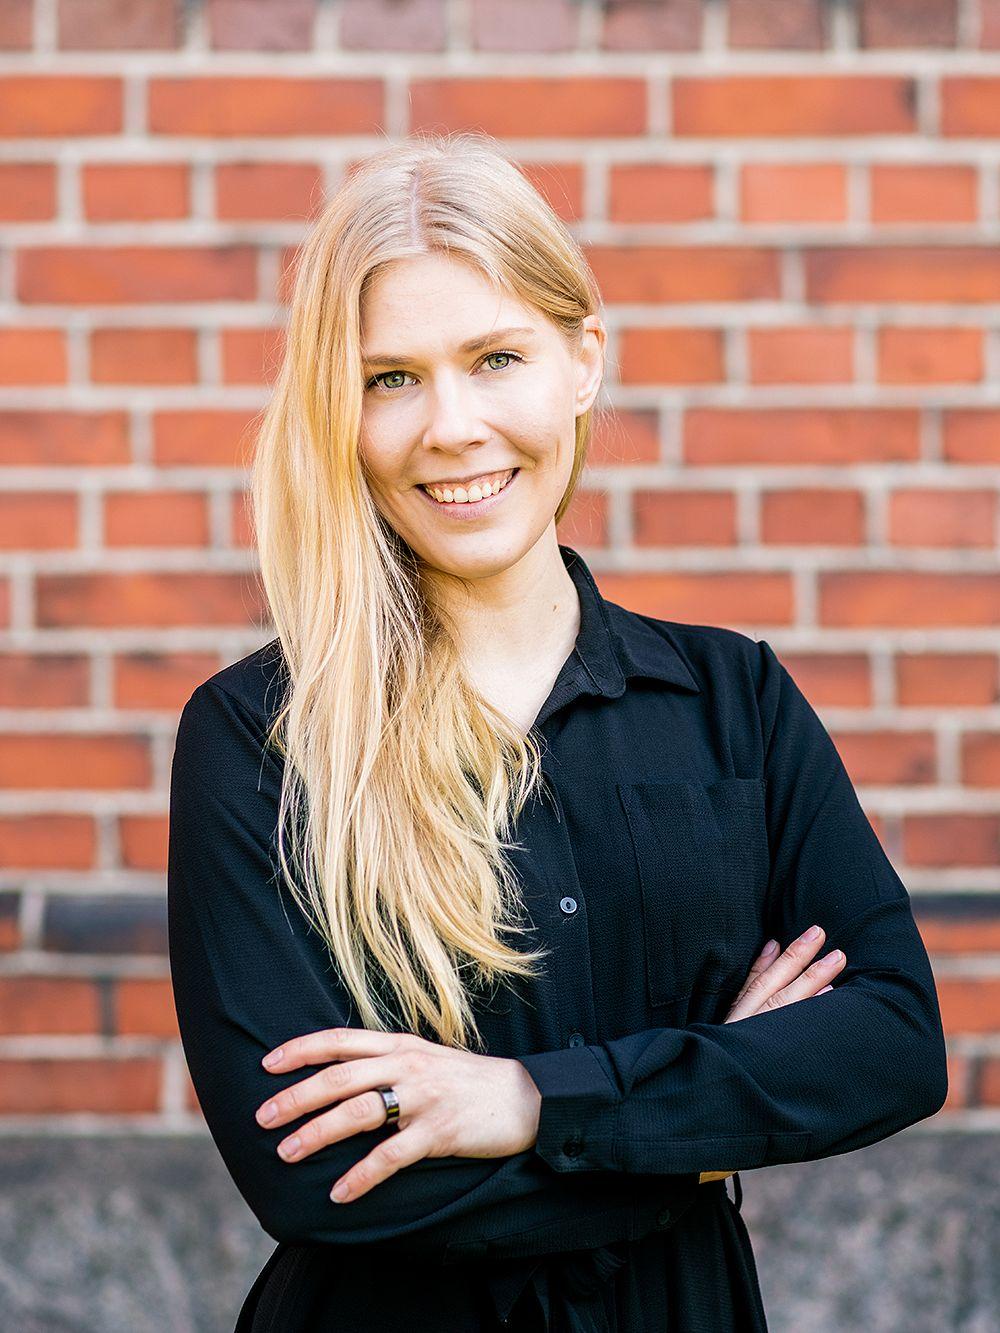 Julia Hämäläinen, Chief Operating Officer at Inklusiiv